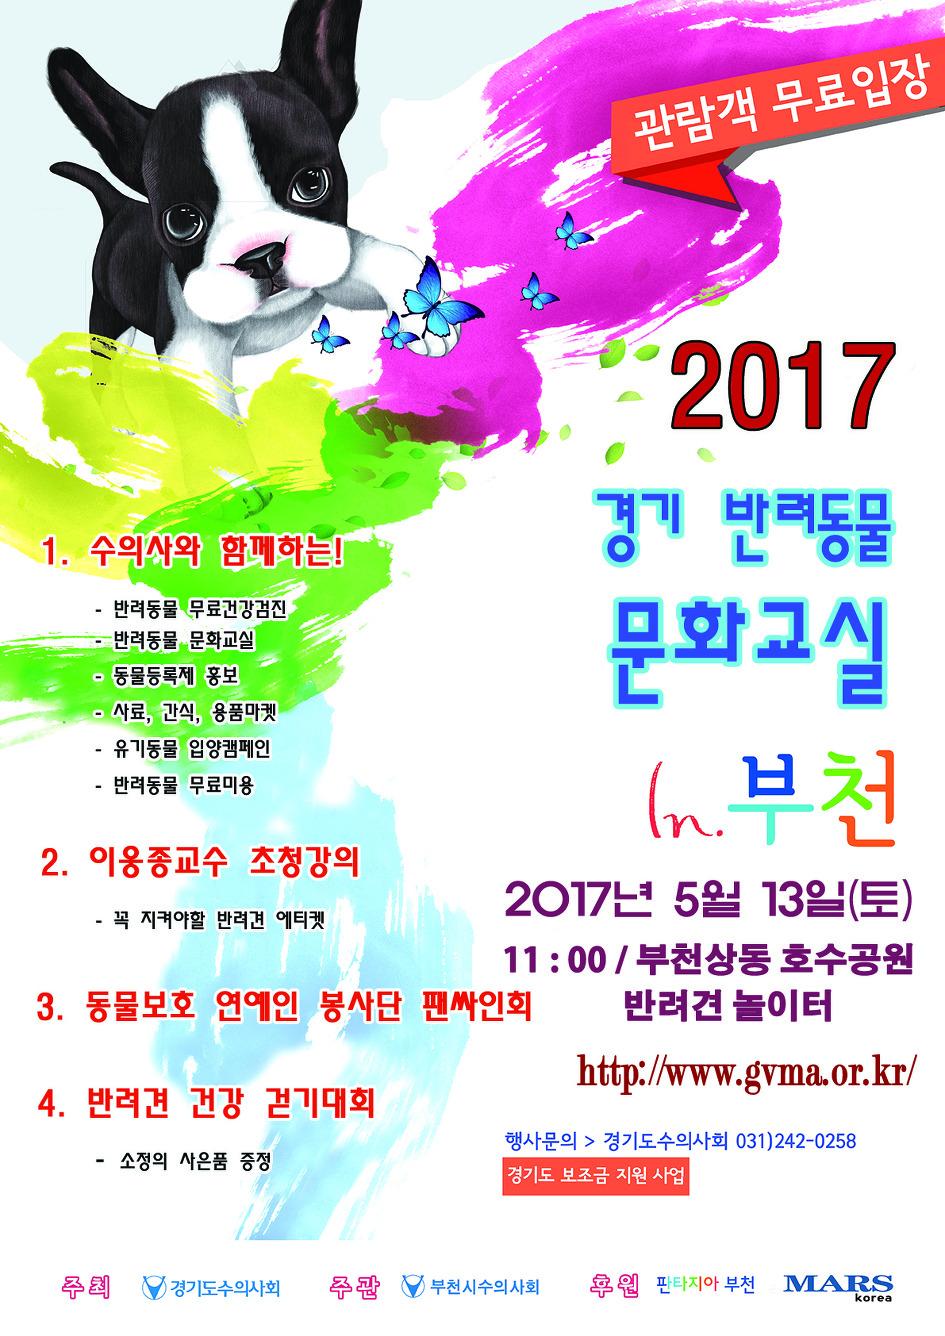 2017 경기 반려동물 문화교실(부천)